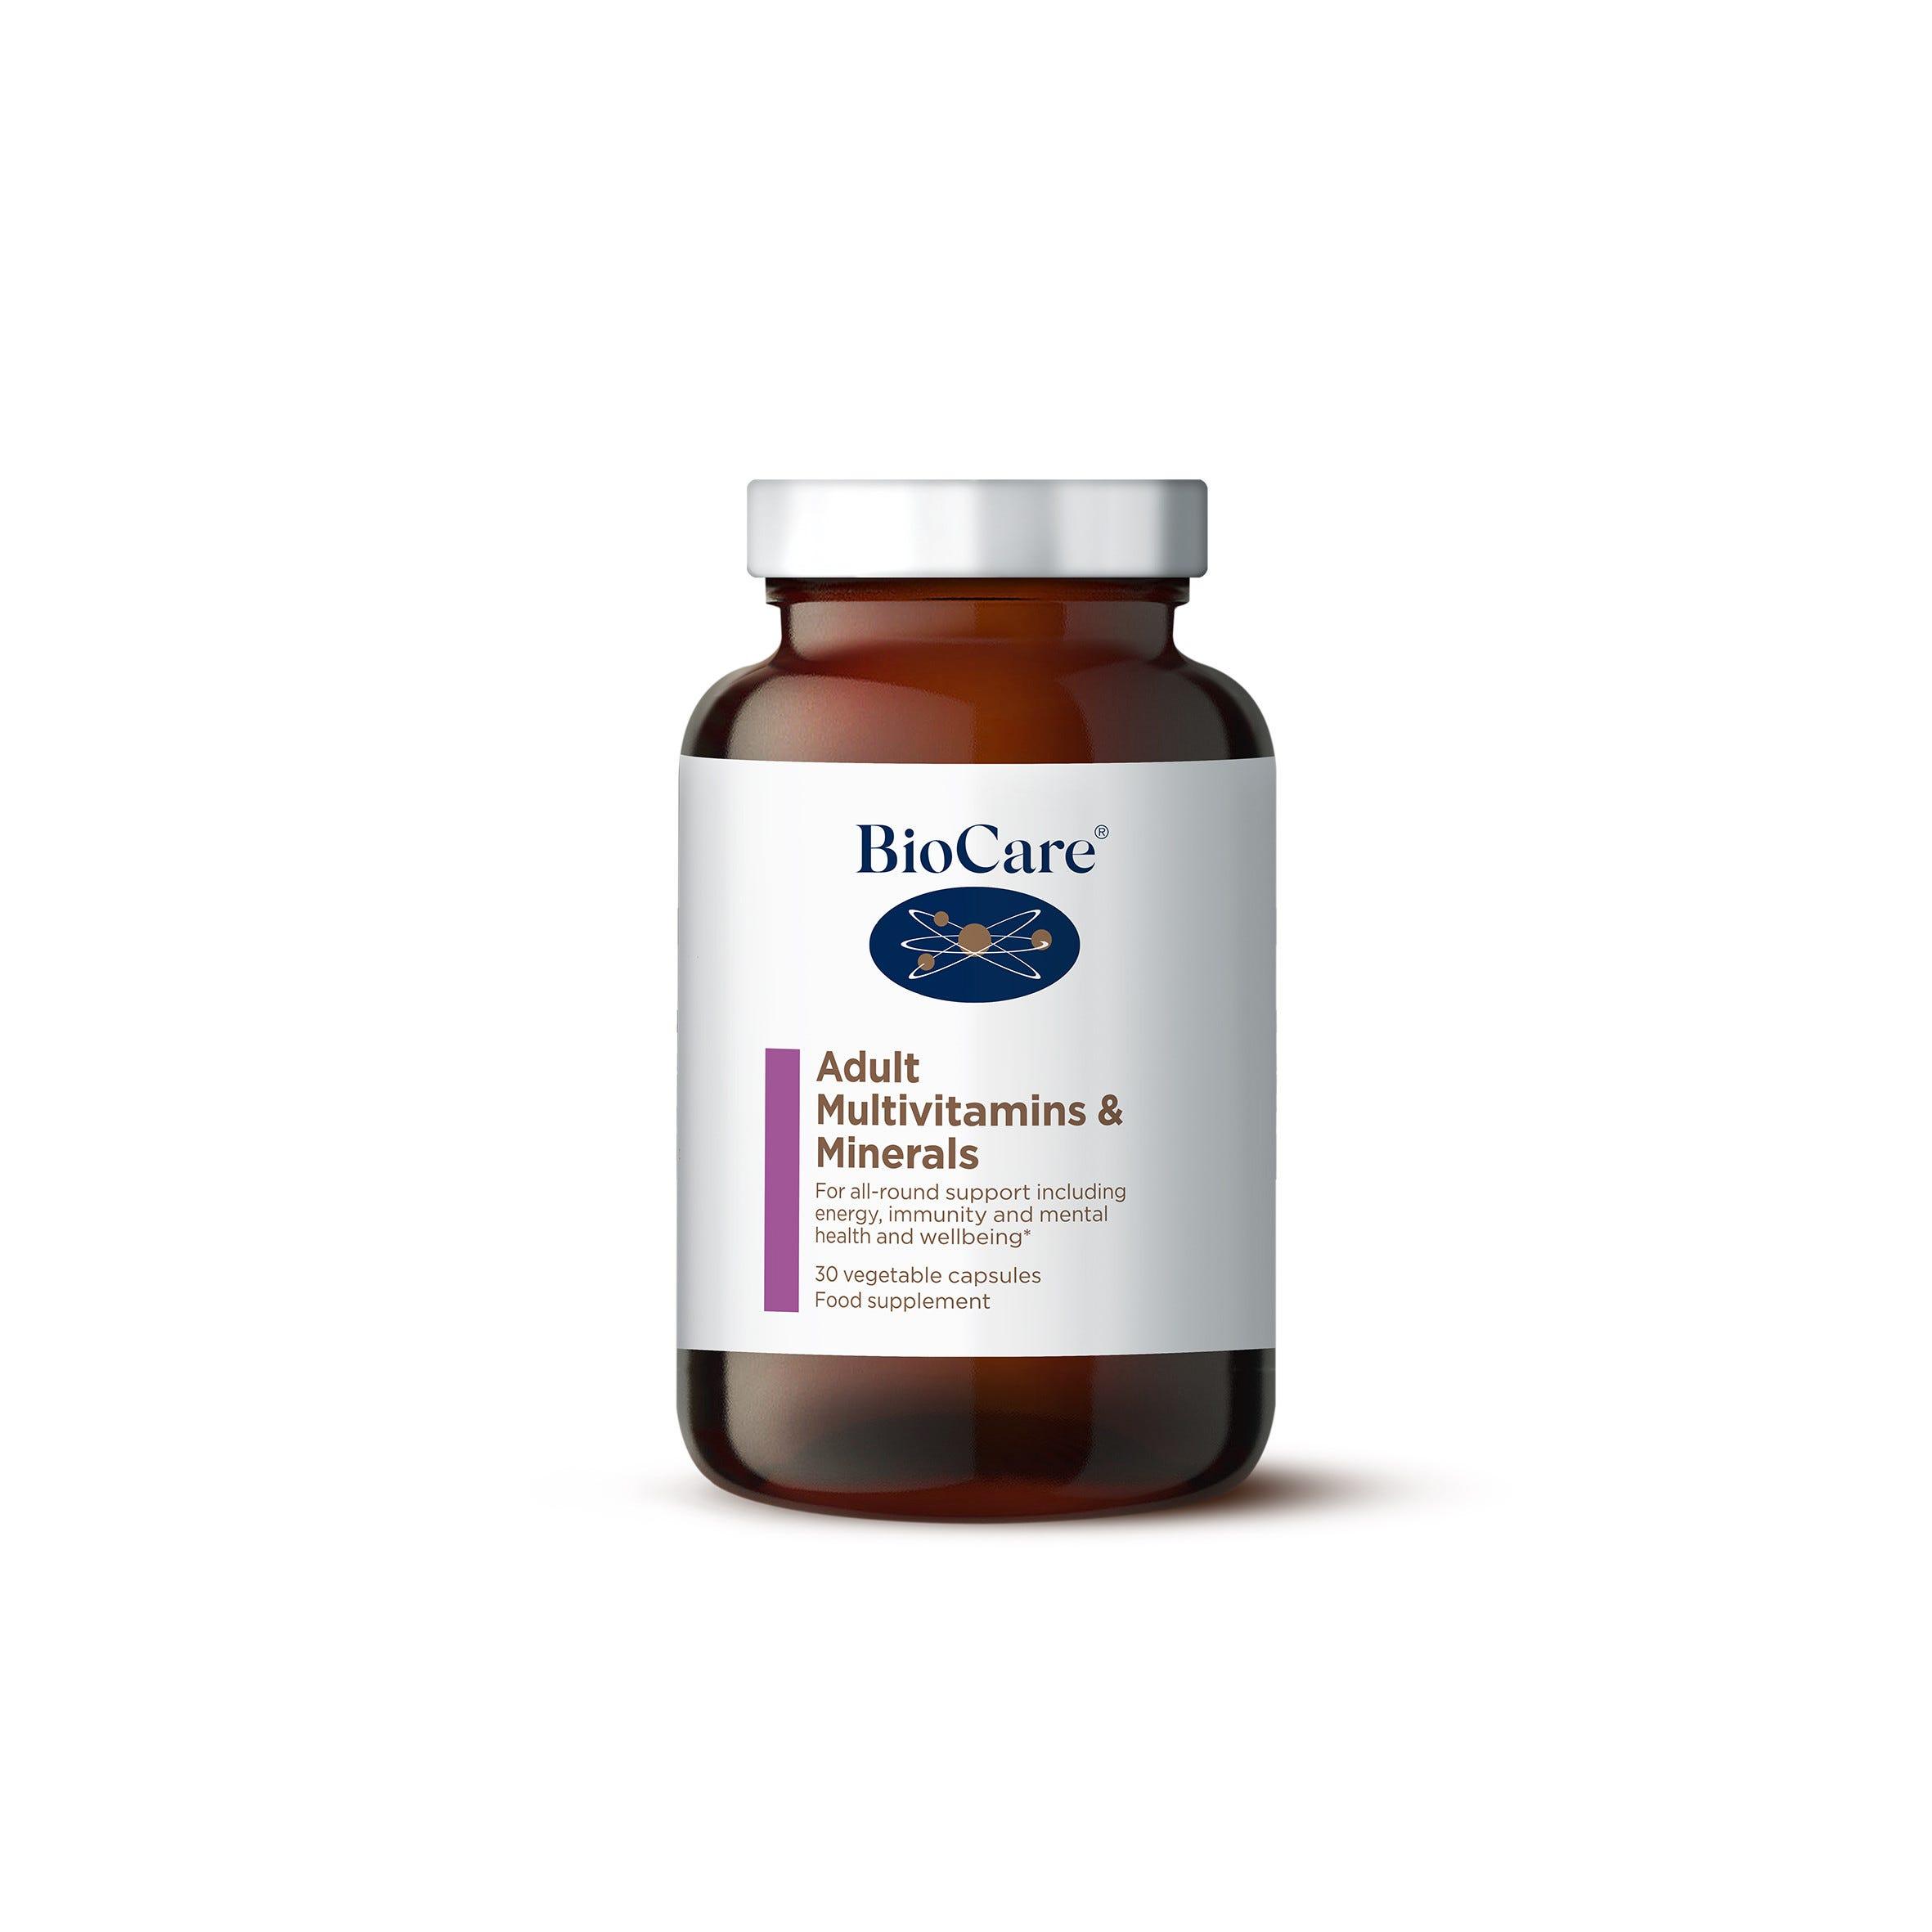 Adult Multivitamins & Minerals 30 Capsules